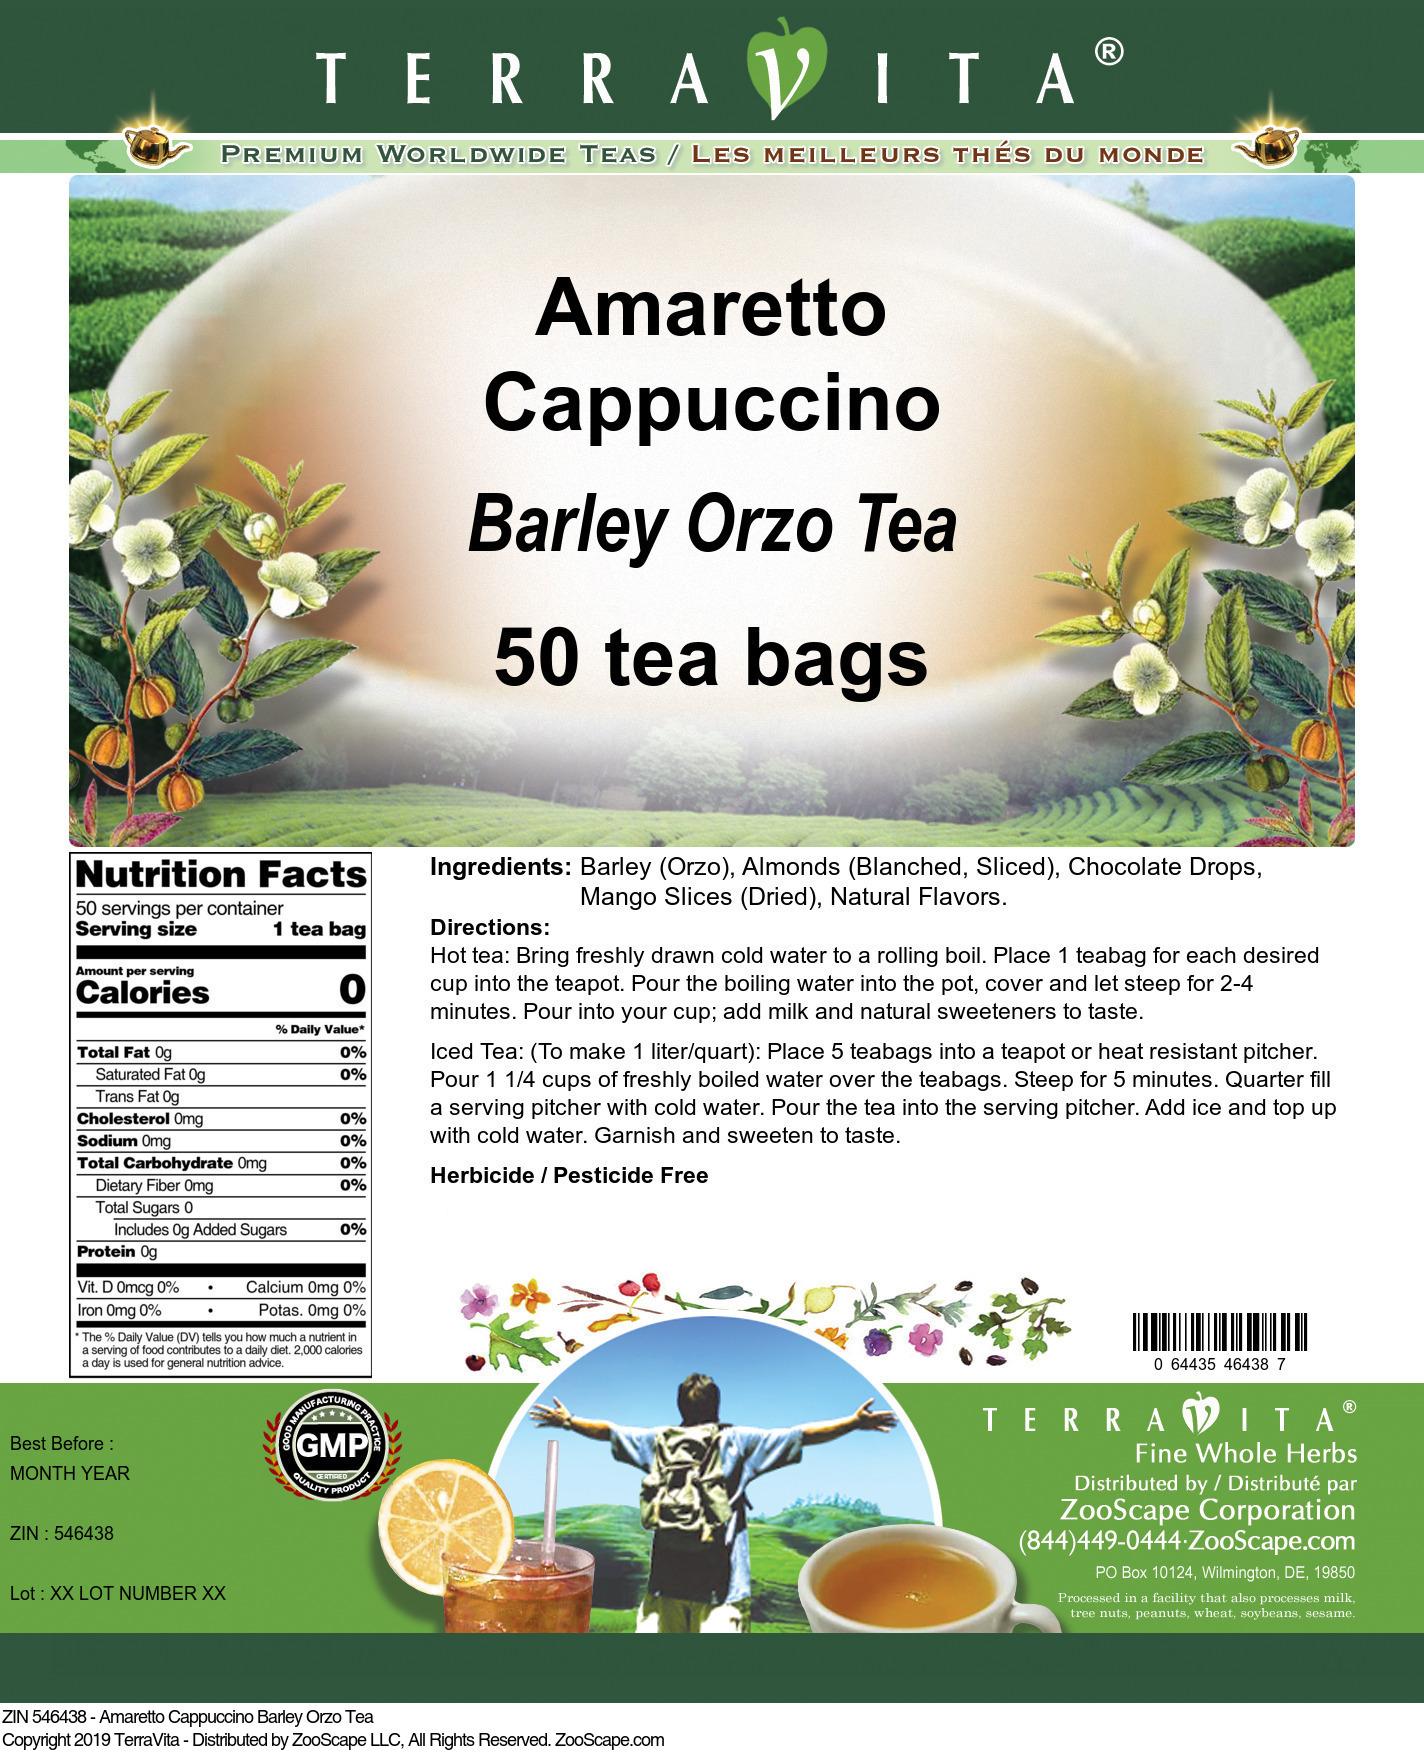 Amaretto Cappuccino Barley Orzo